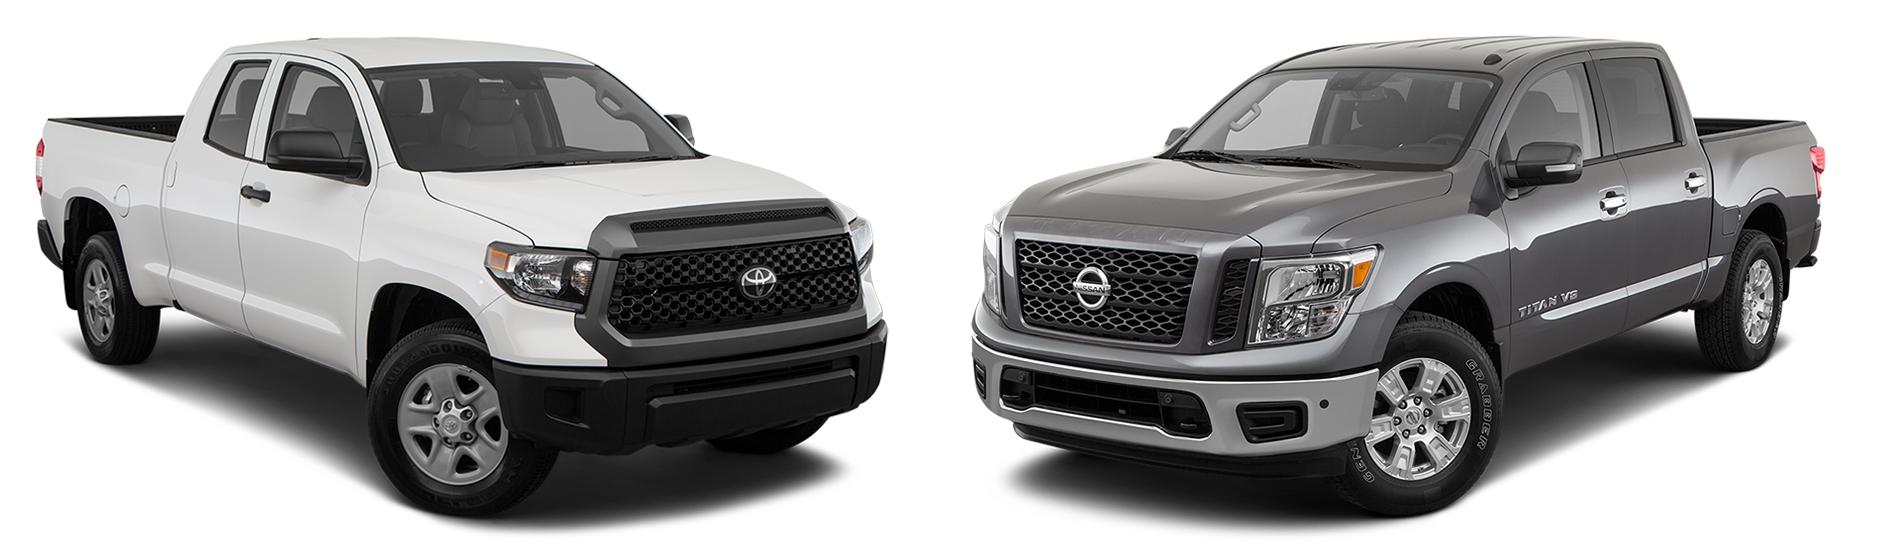 2019 Tundra Vs 2019 Nissan Titan